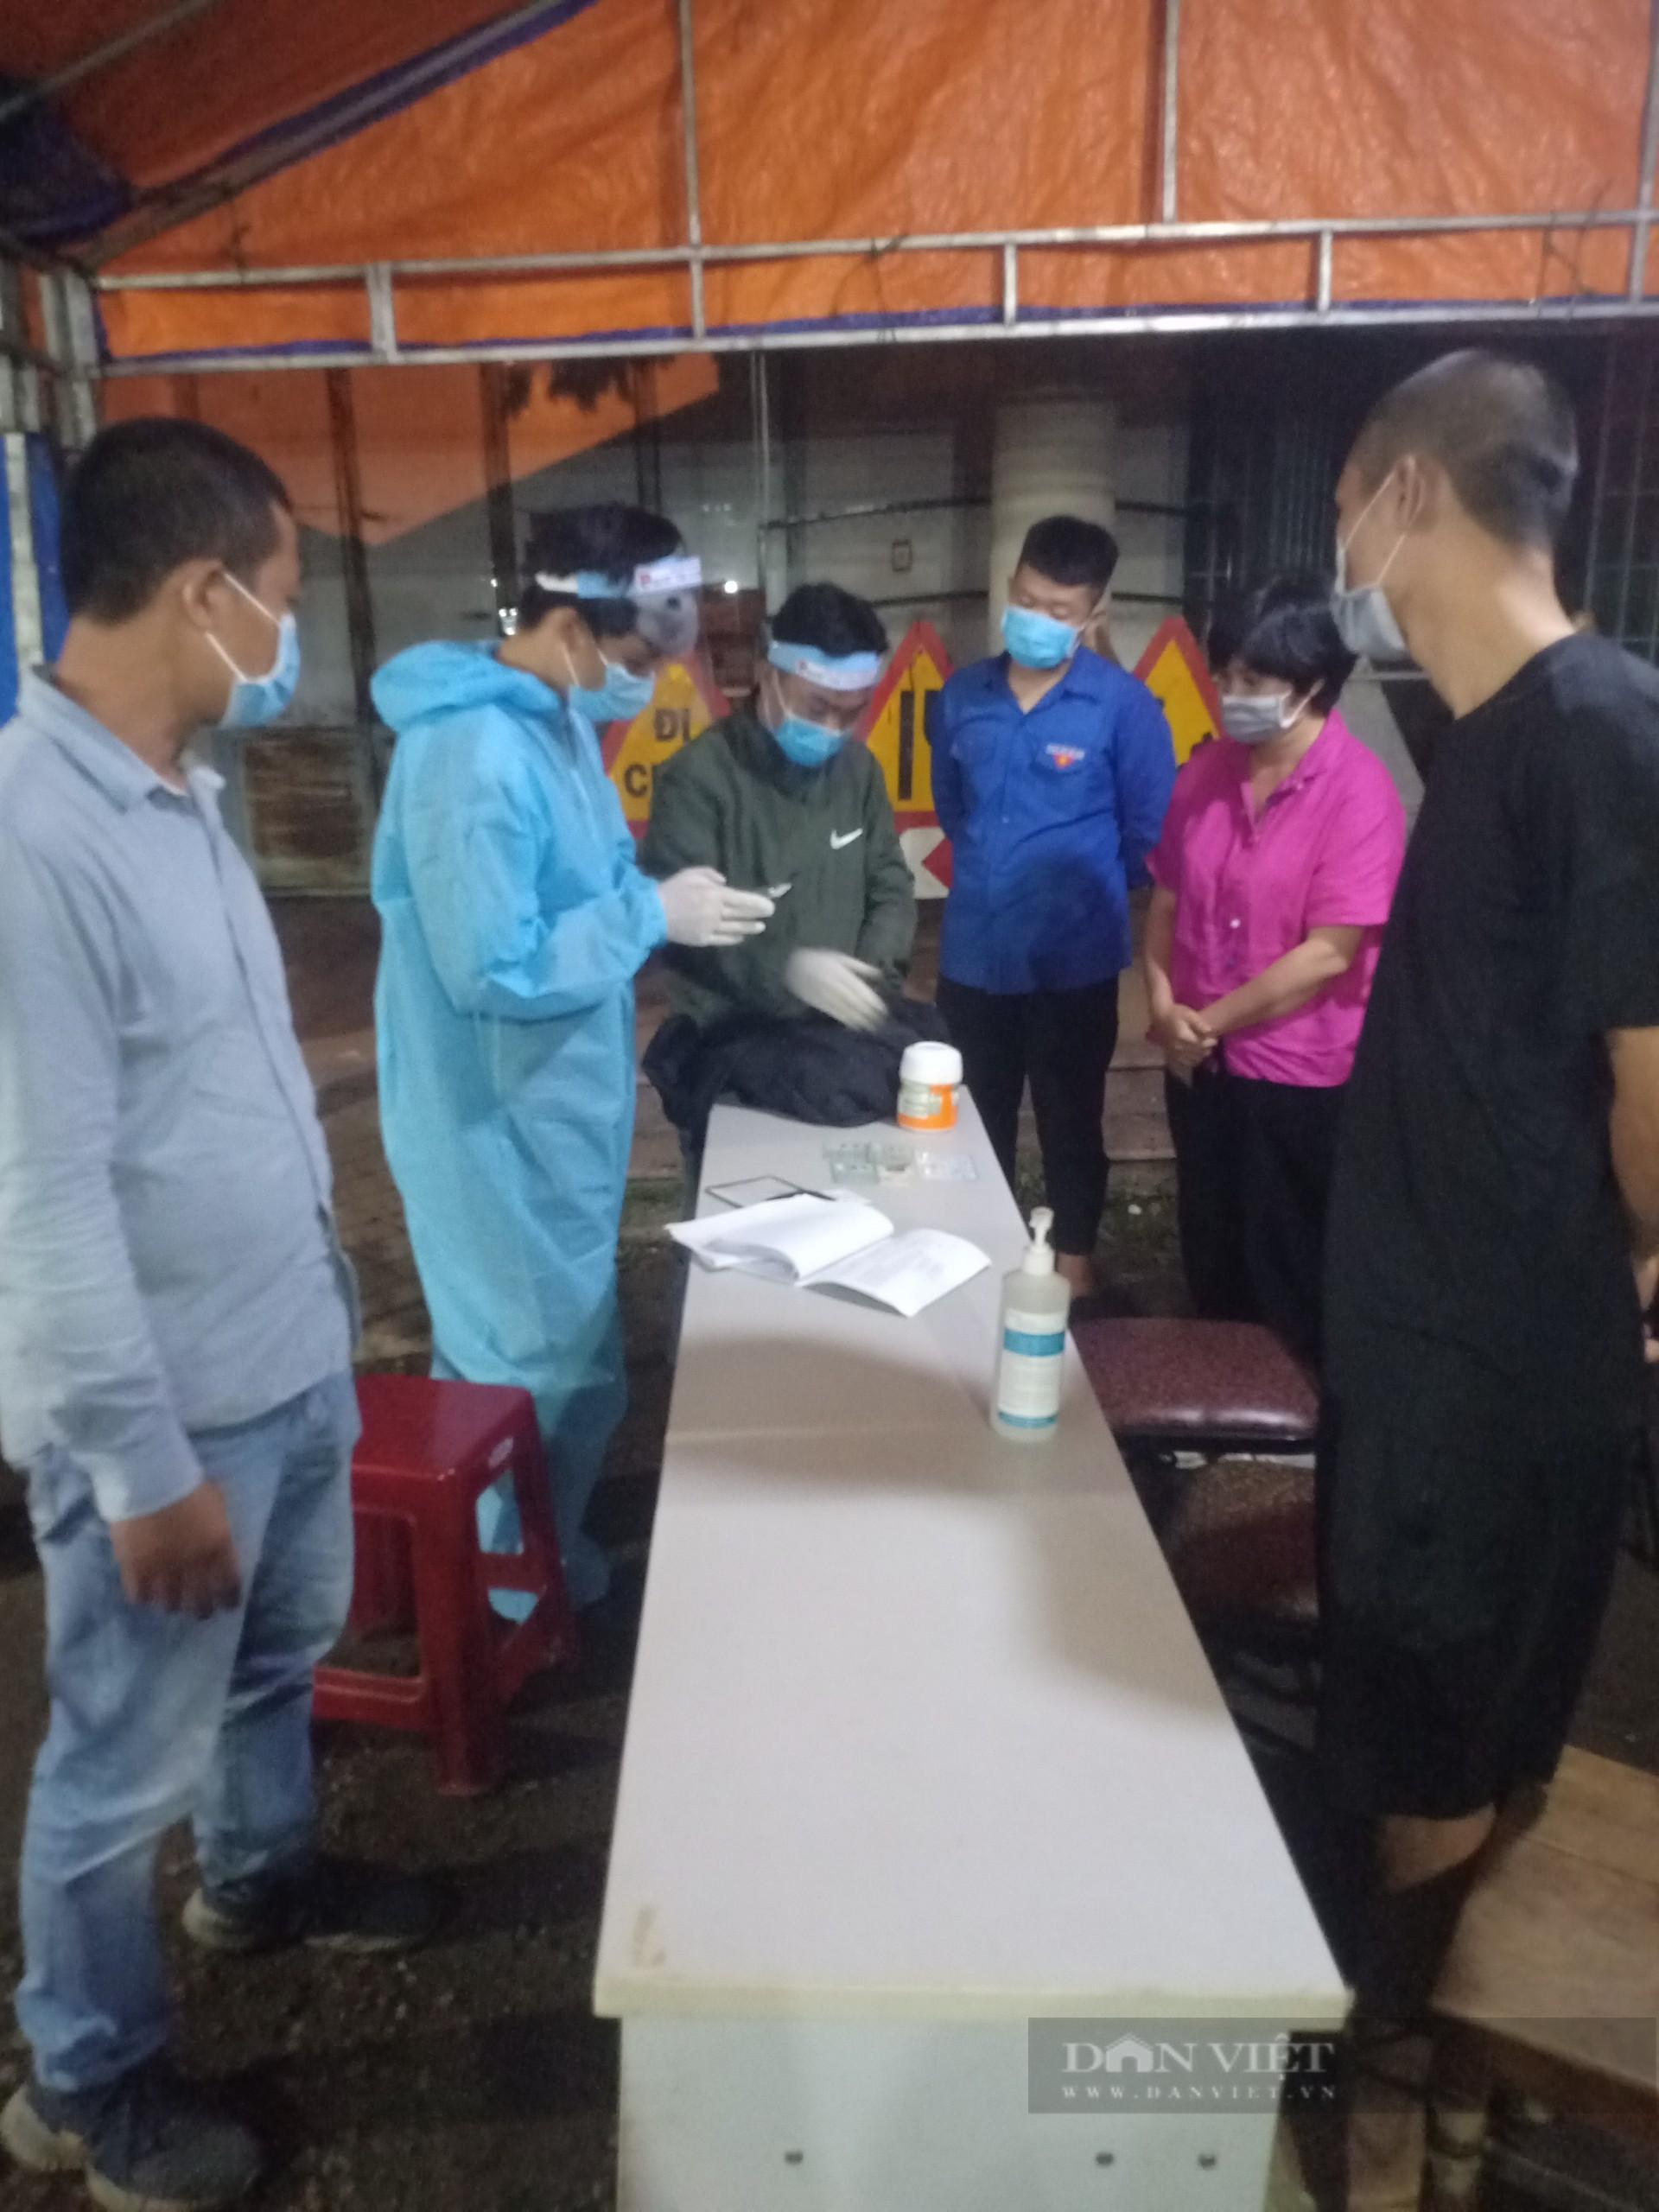 Đắk Lắk: Bí thư Đoàn trả lại 240 triệu cho người dân rơi ở chốt kiểm dịch - Ảnh 1.